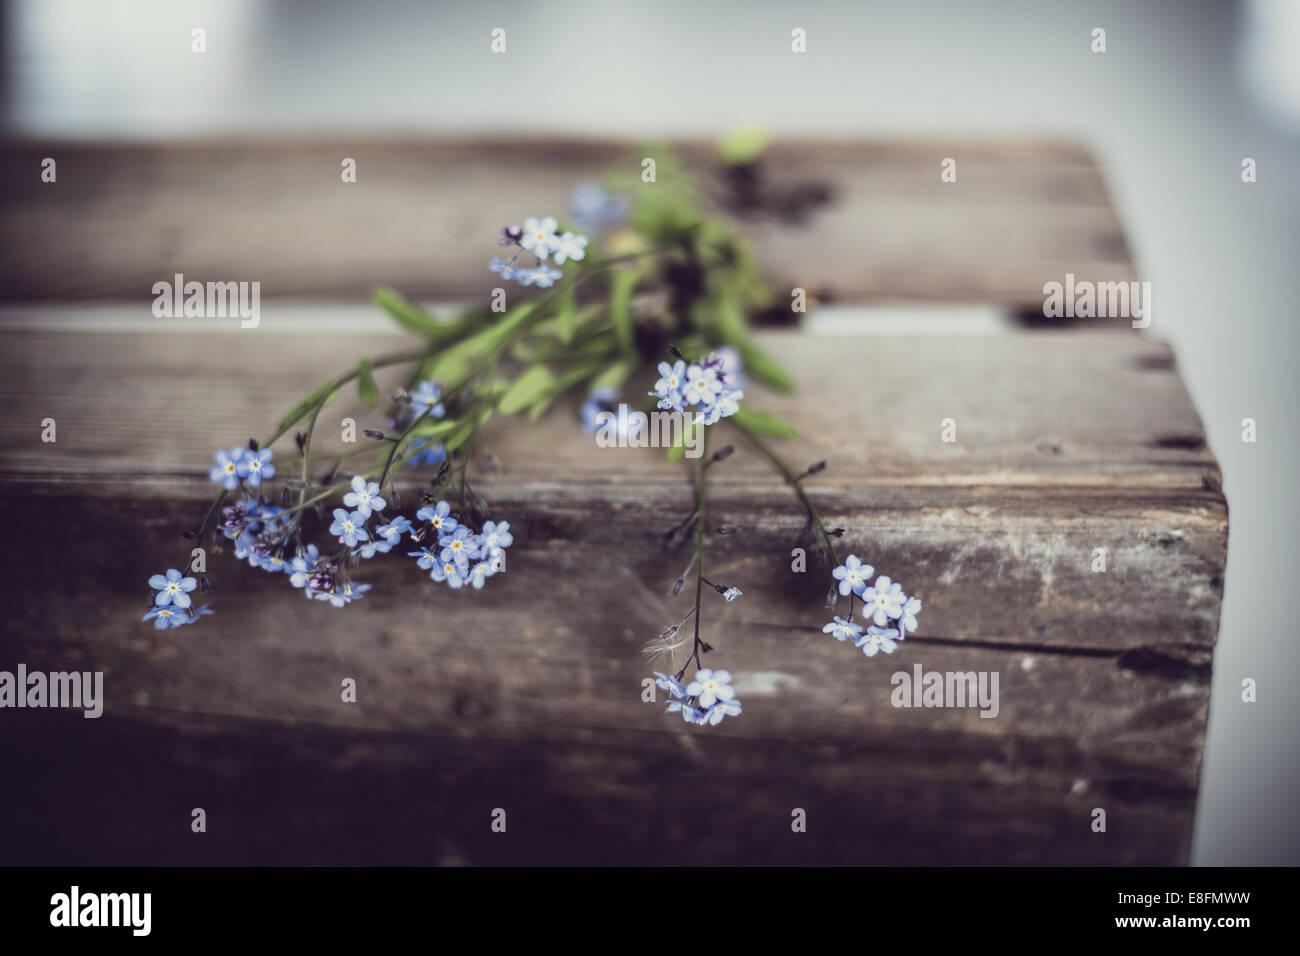 Vergissmeinnicht Blumen auf alte Holzkiste Stockbild